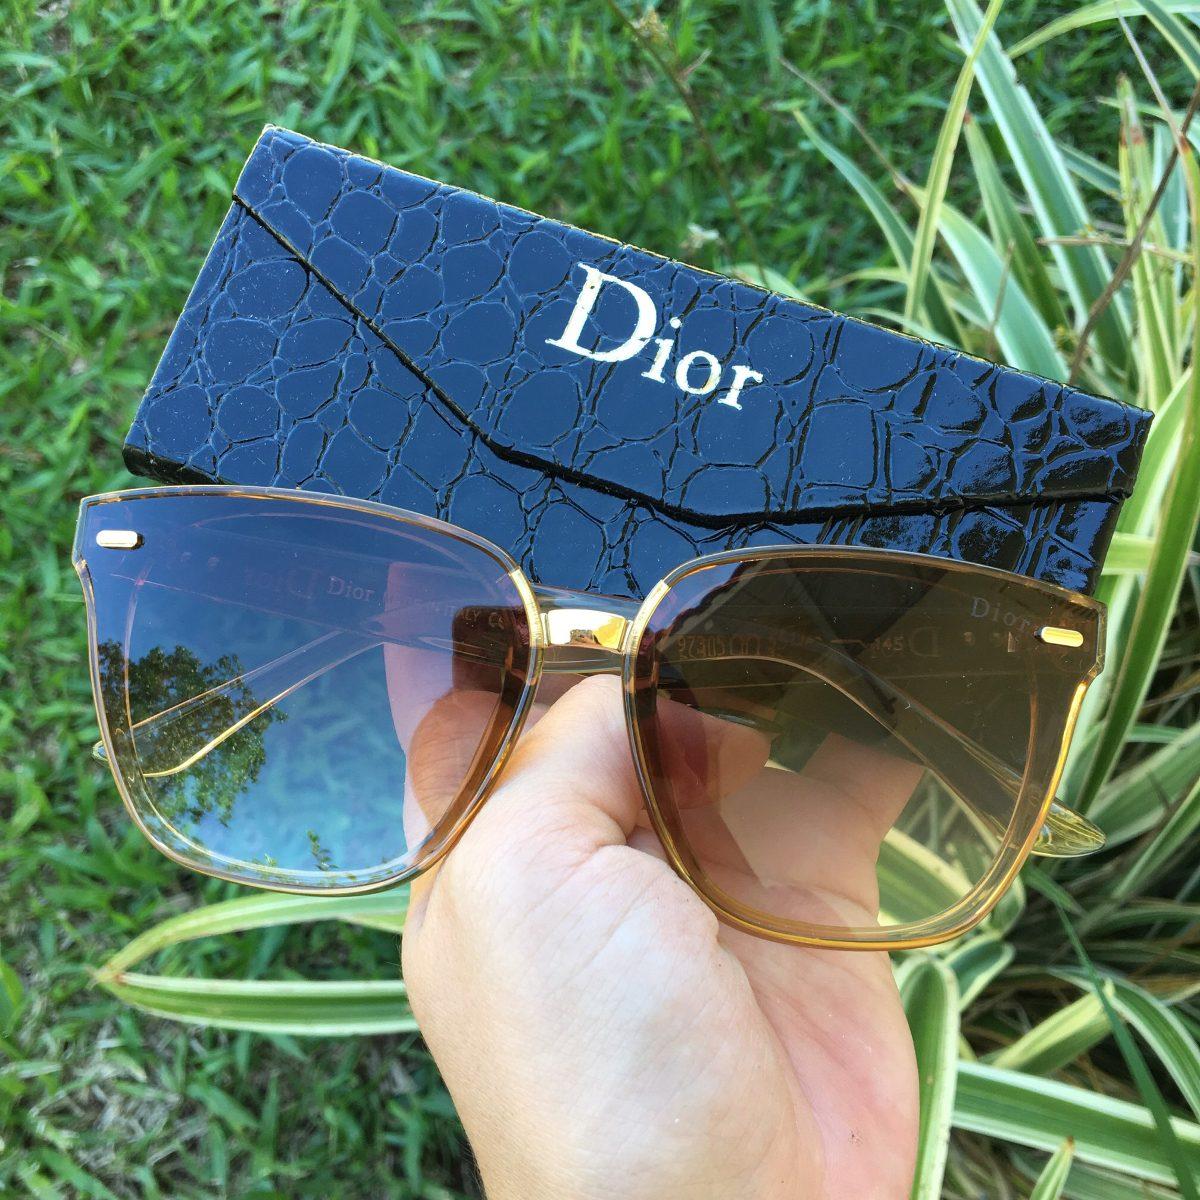 9074c004d5 Oculos De Sol Dior Marrom Original - R  159